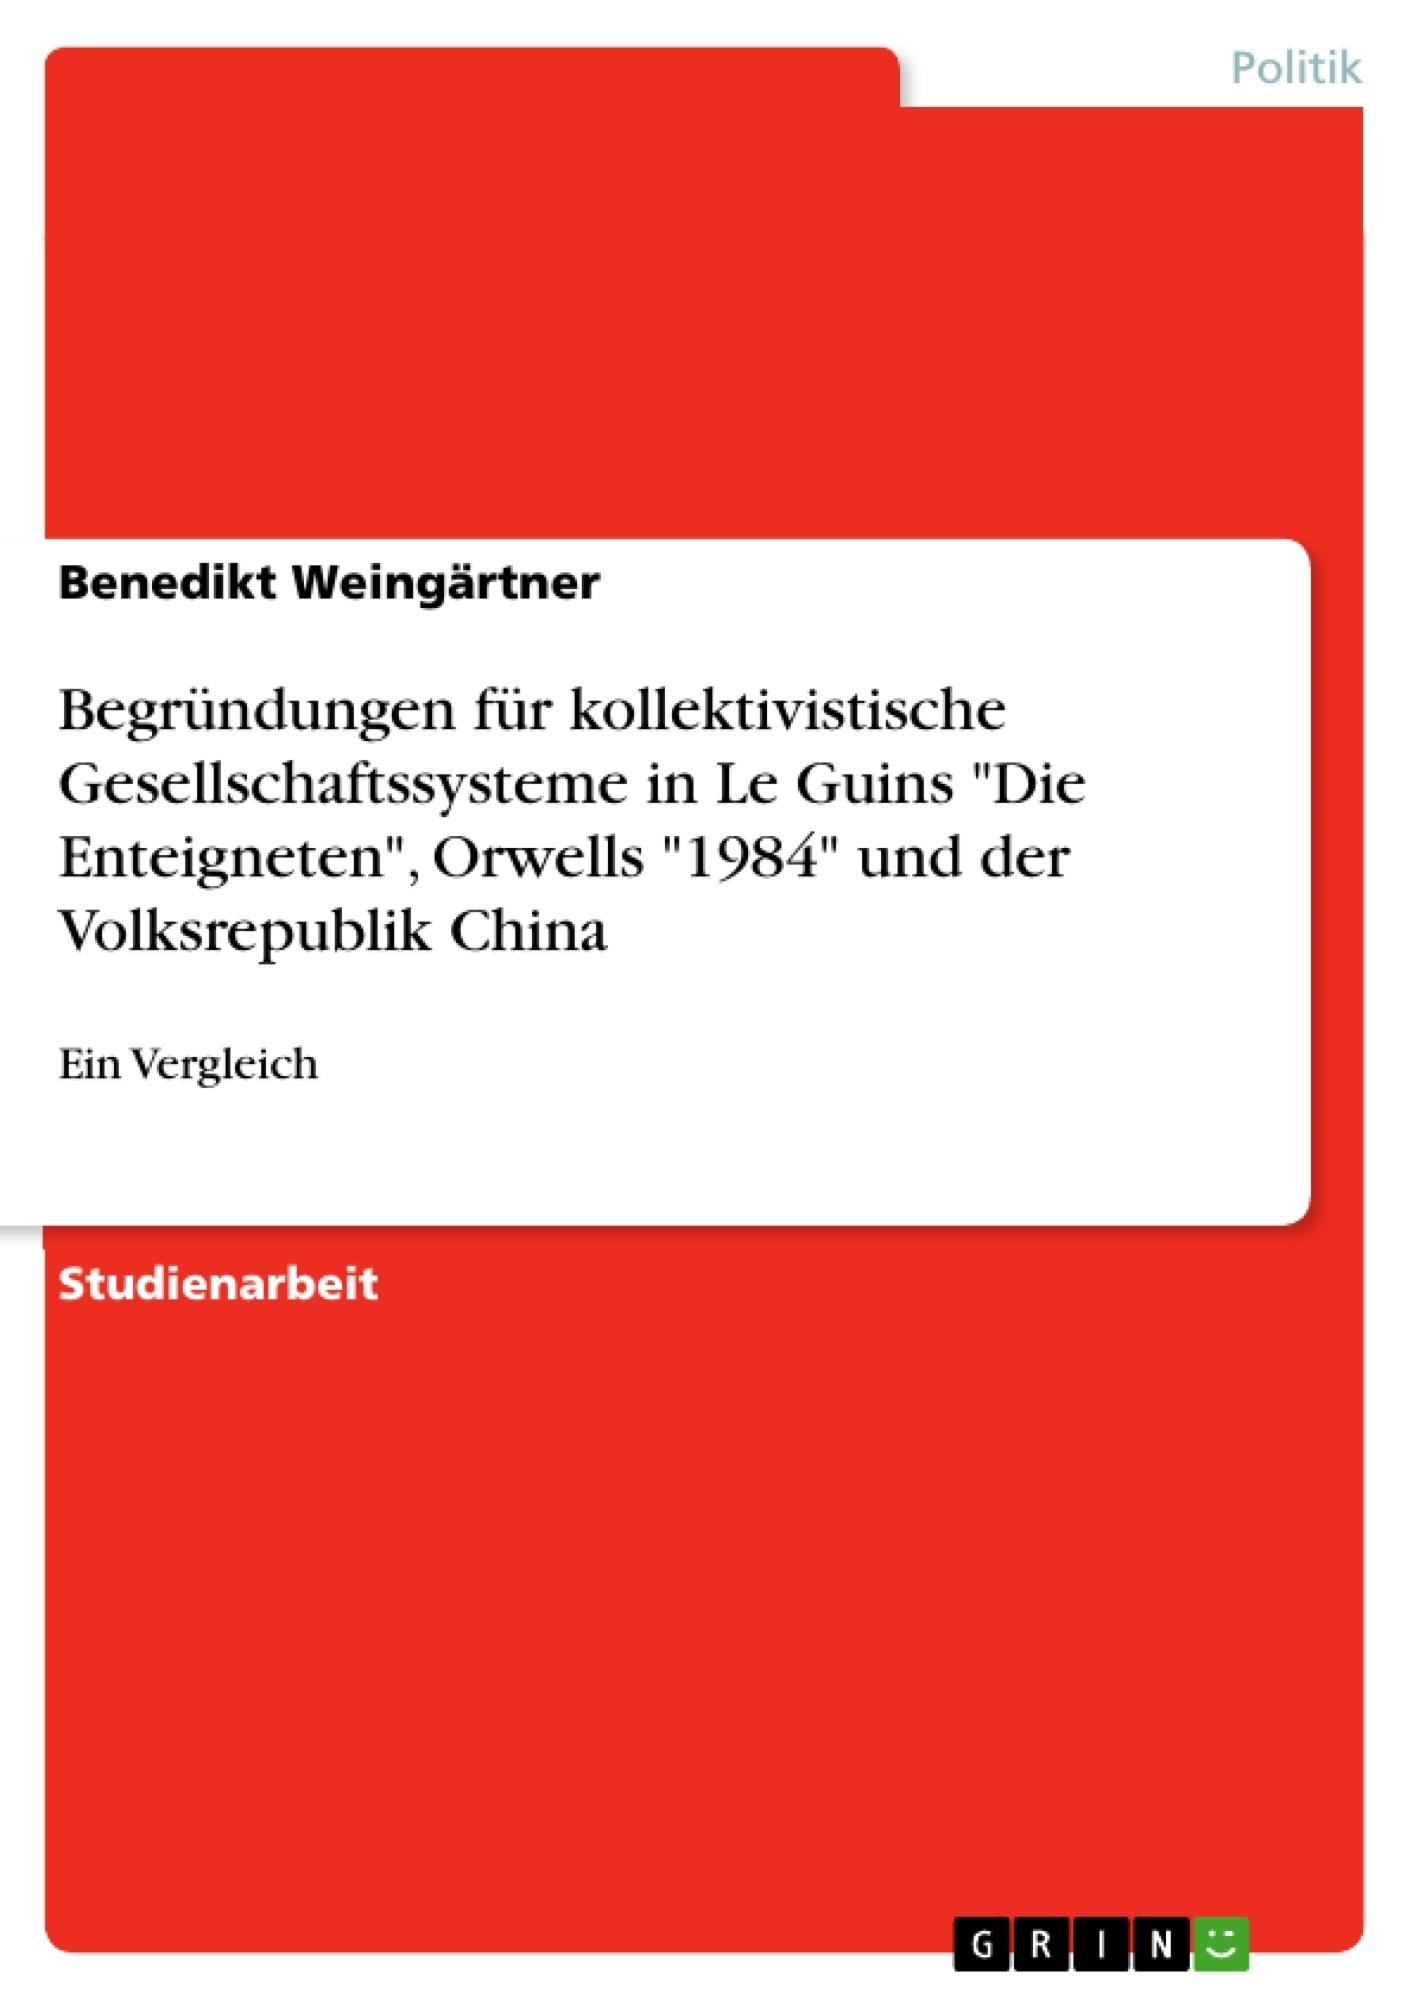 """Titel: Begründungen für kollektivistische Gesellschaftssysteme in Le Guins """"Die Enteigneten"""", Orwells """"1984"""" und der Volksrepublik China"""